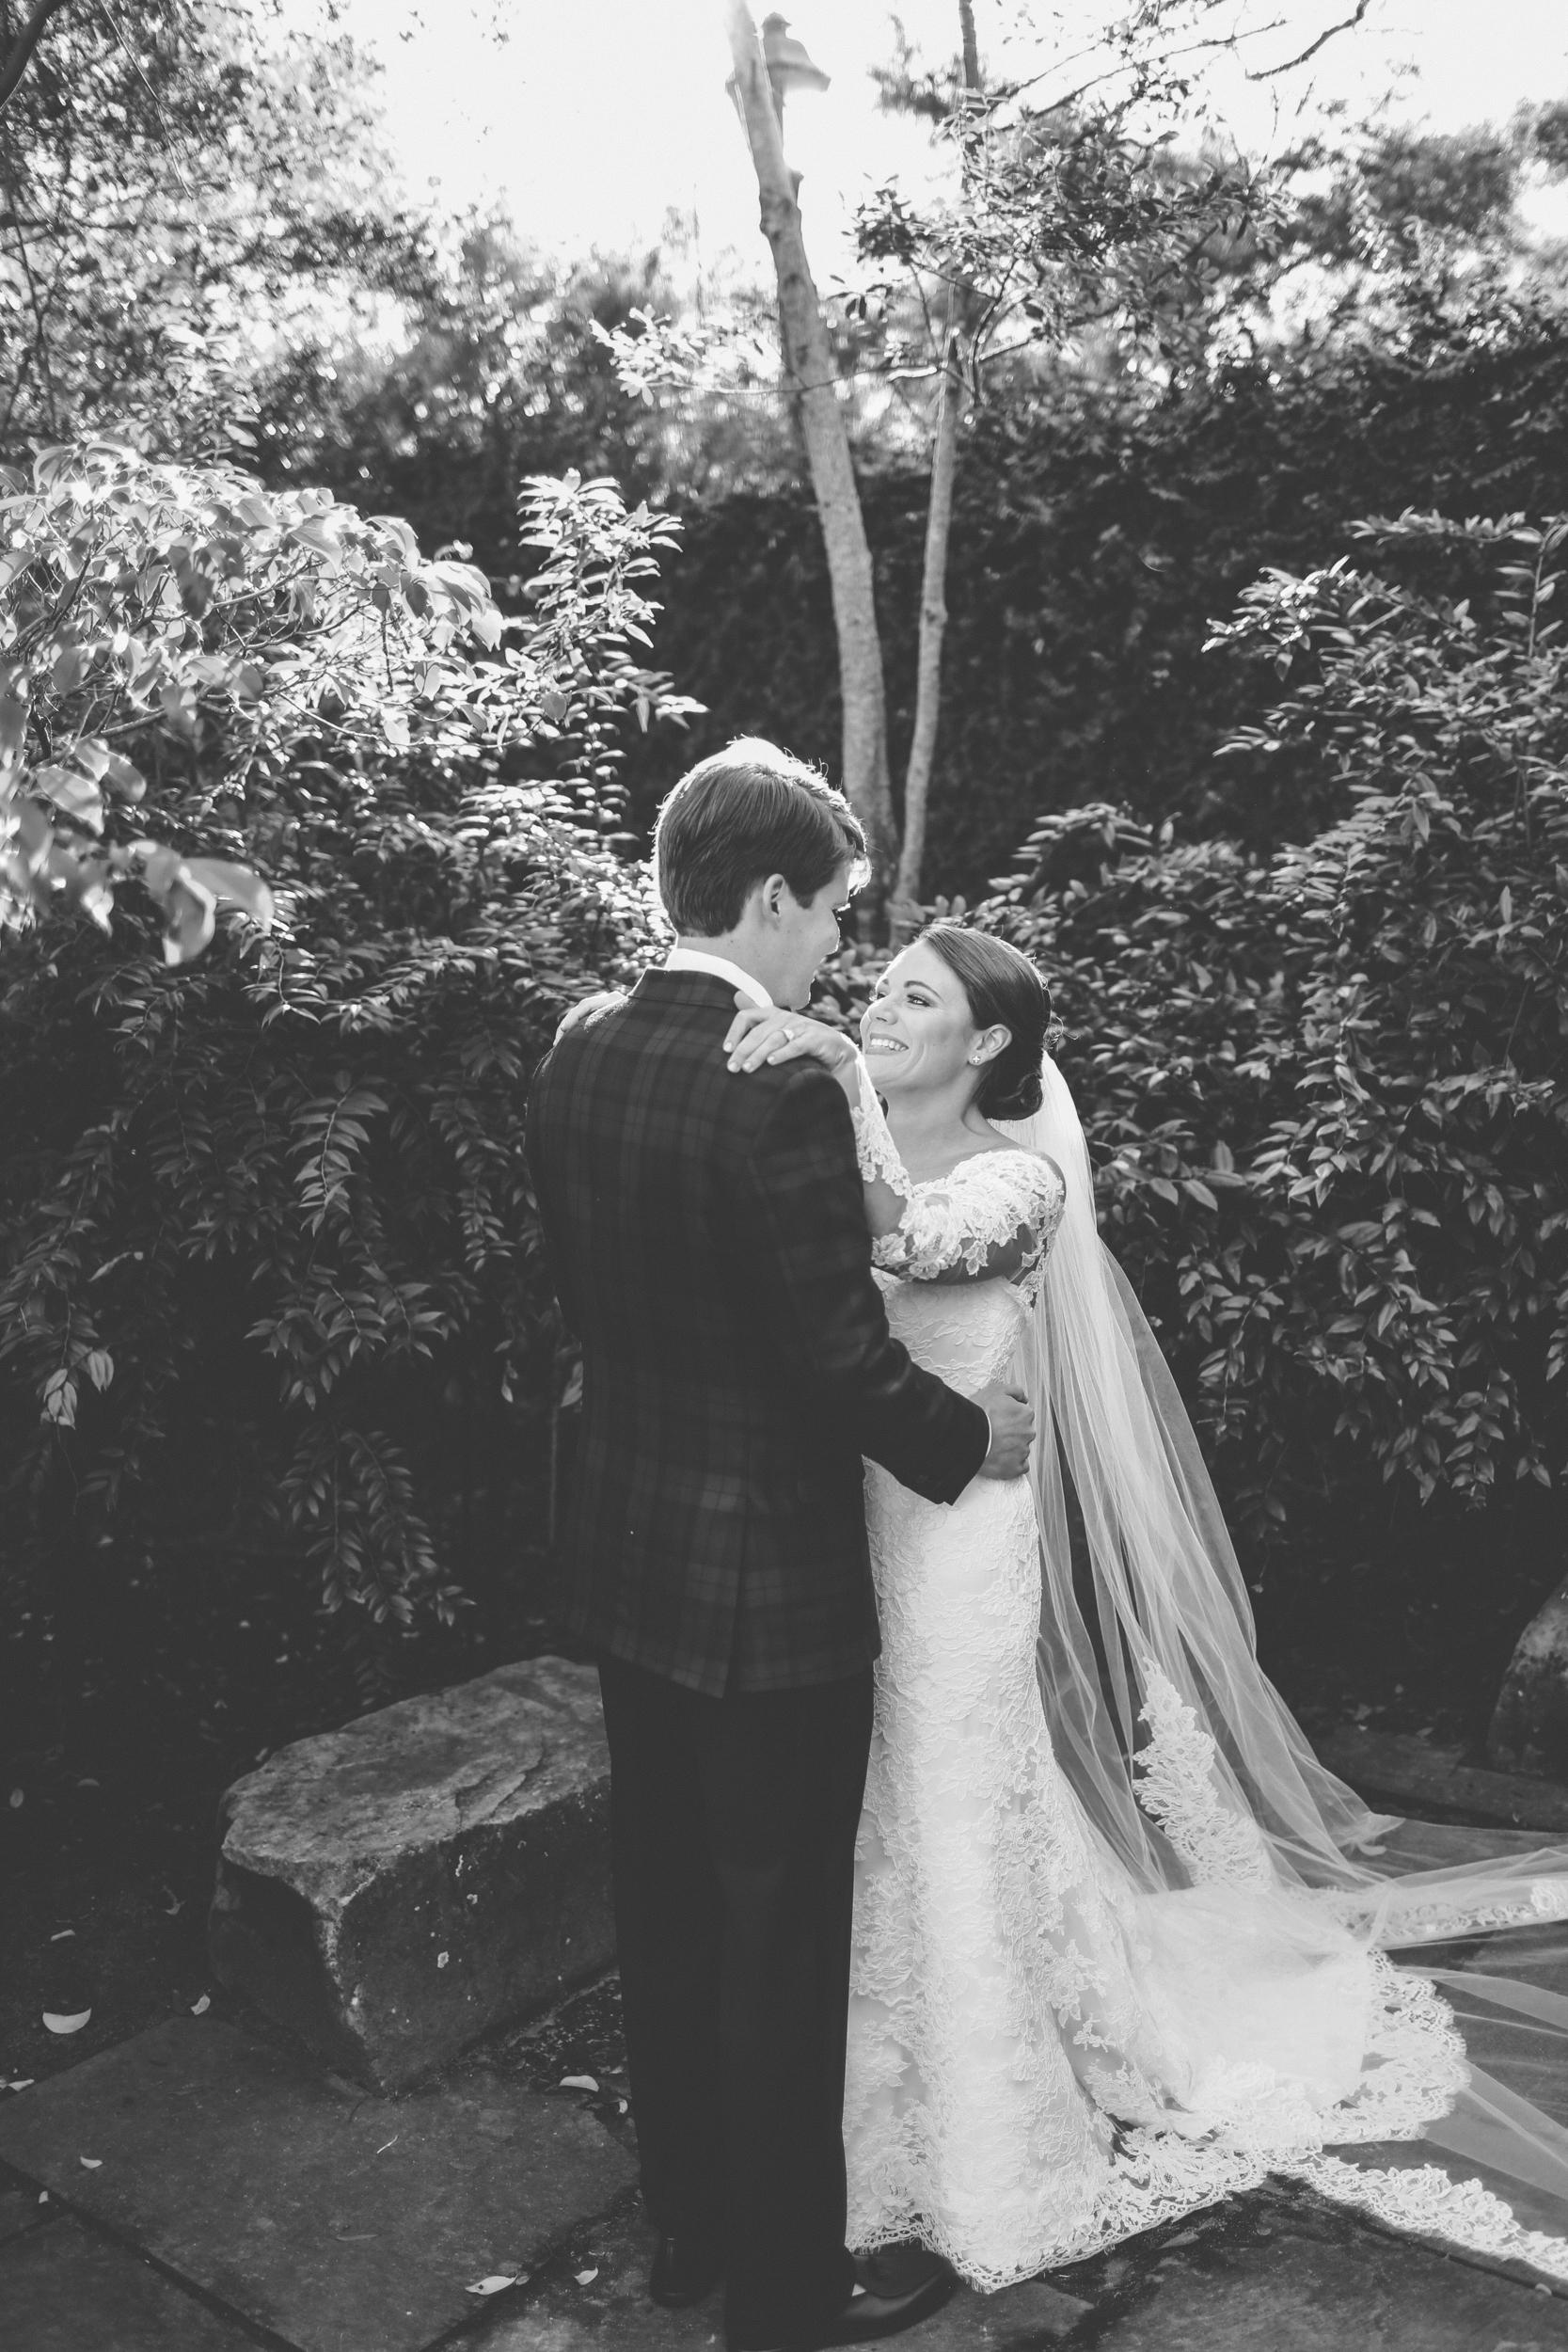 Kuhlke_wedding-261.jpg